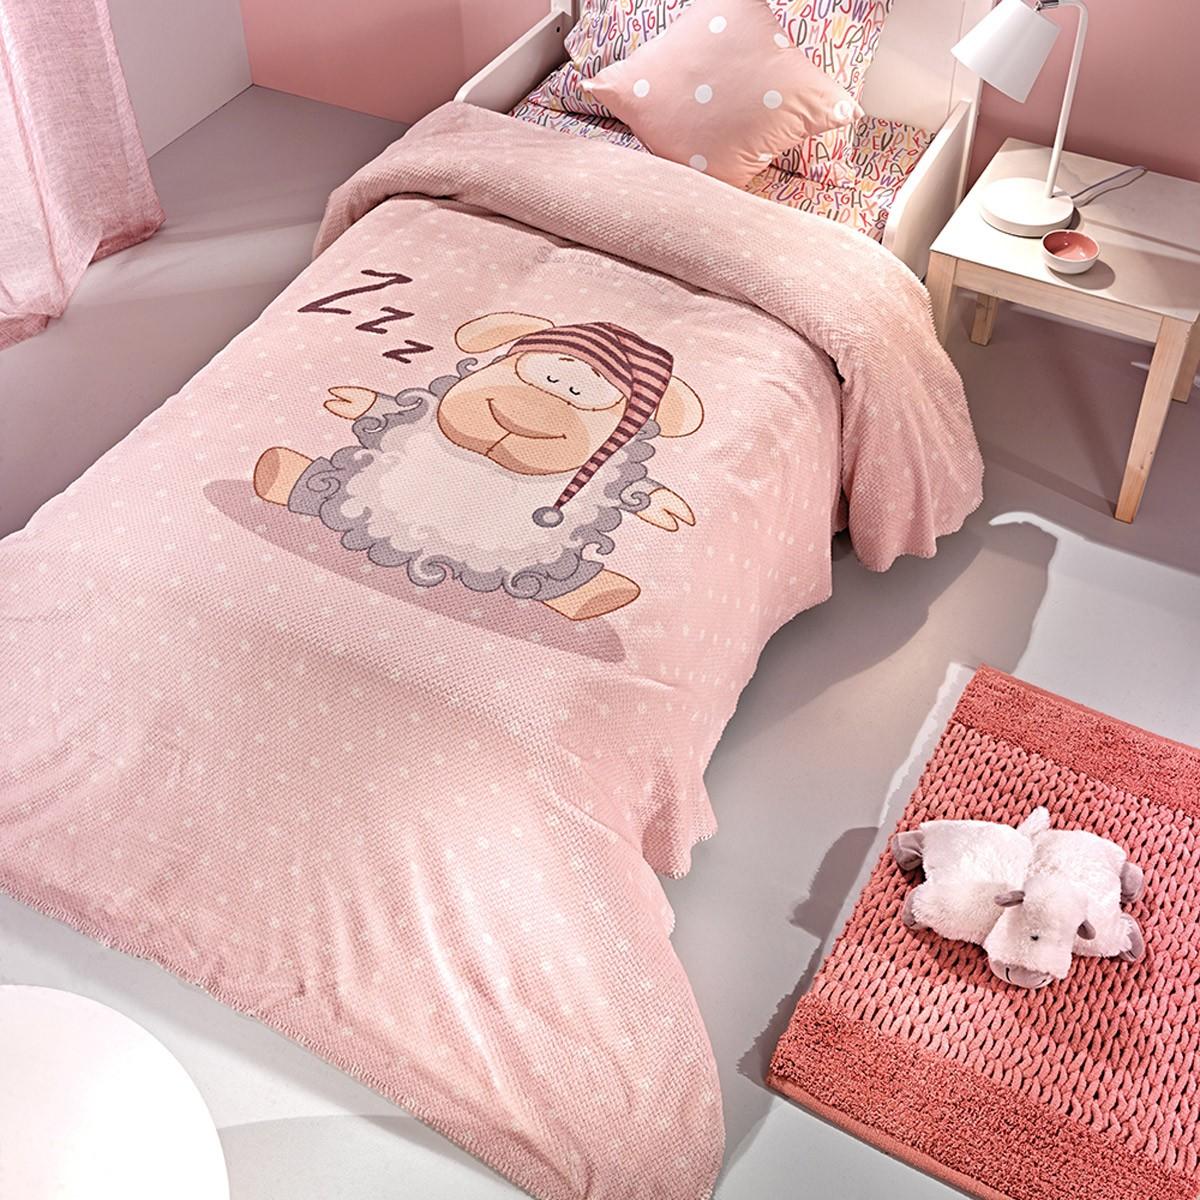 Κουβέρτα Μονή Fleece Saint Clair Ultra Soft Shaggy Pink